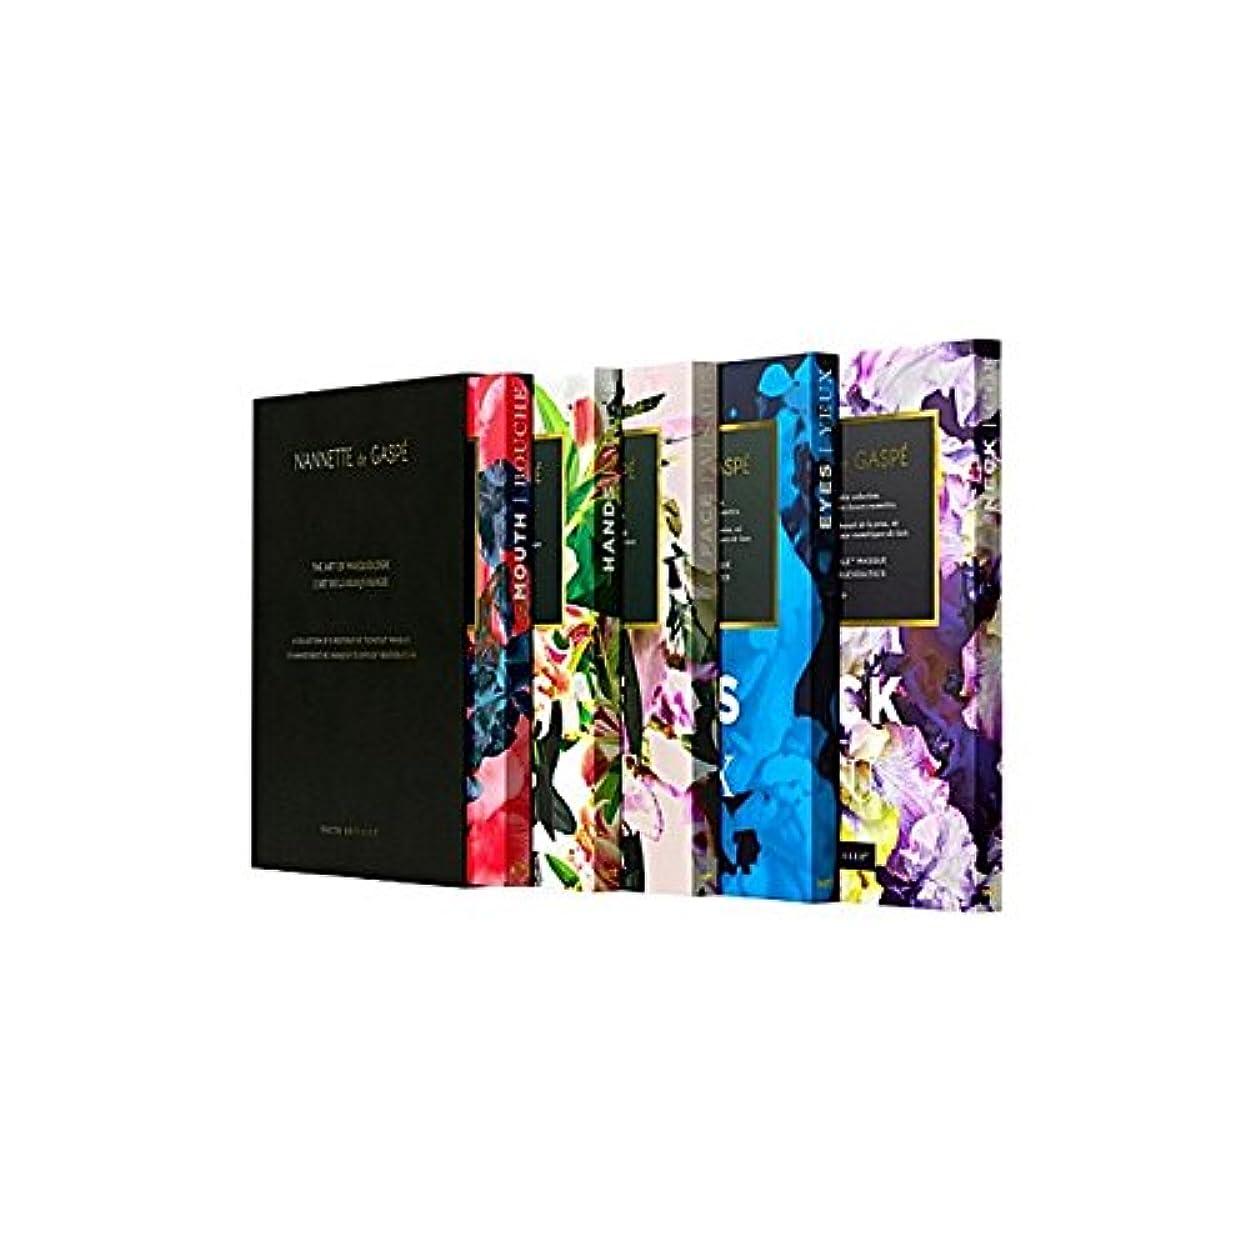 クレタリブ閃光Nannette De Gaspe Restorative Techstile Masque Coffret (Pack of 6) - デガスペ修復仮面劇コフレ x6 [並行輸入品]